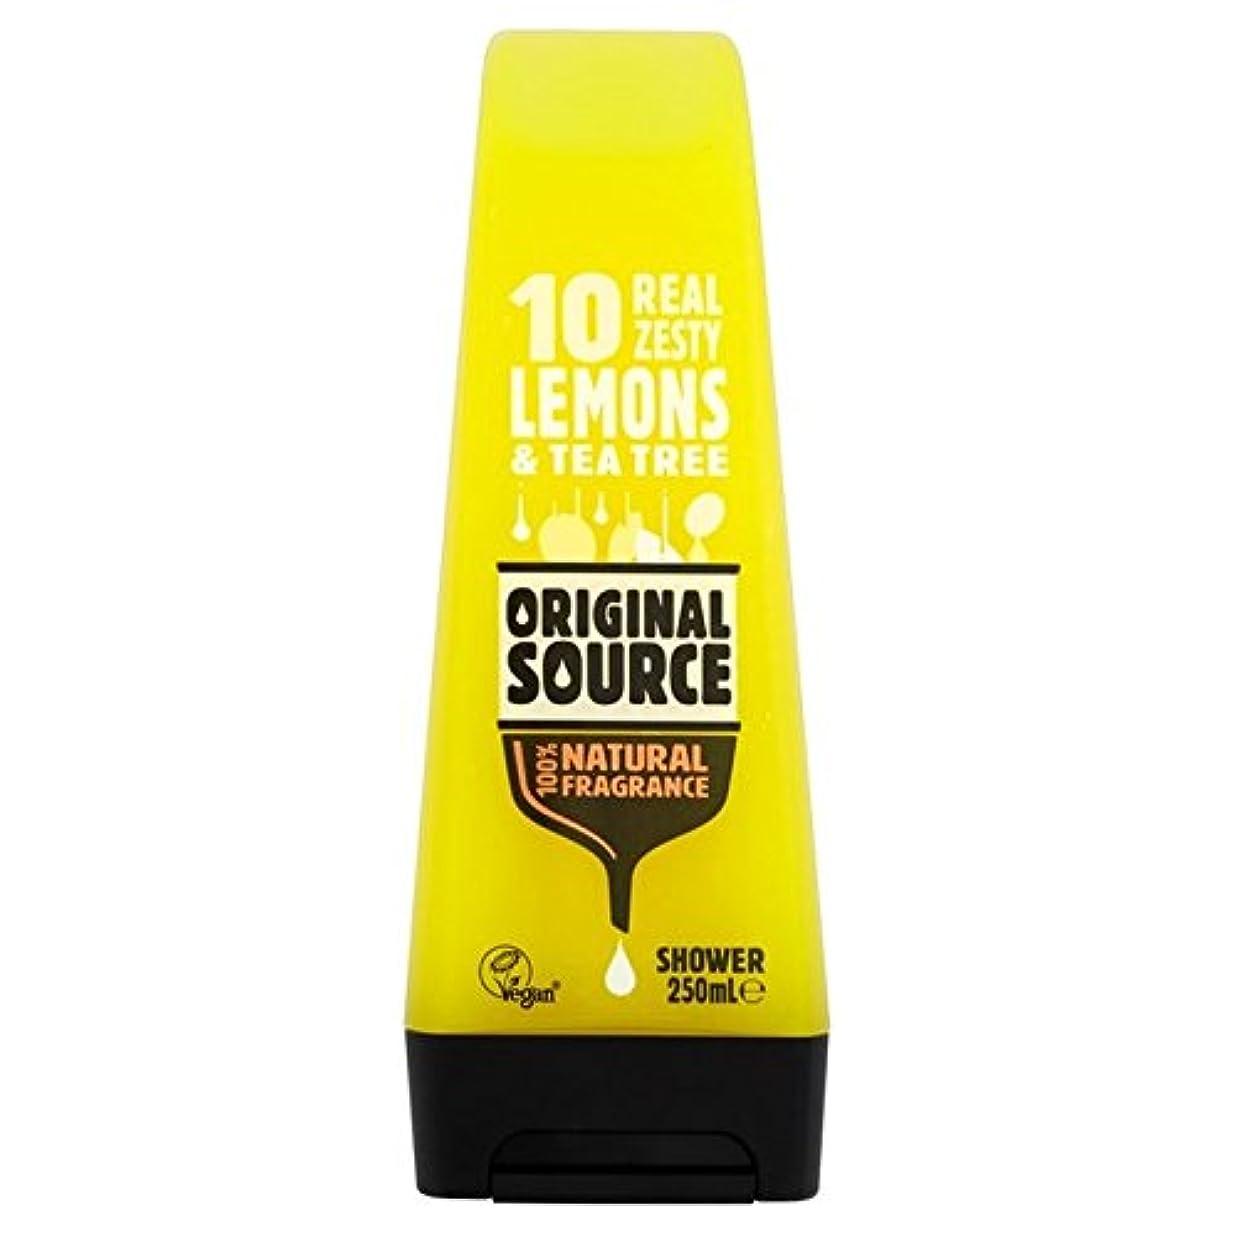 短くする現実的炎上元のソースのレモンシャワージェル250ミリリットル x4 - Original Source Lemon Shower Gel 250ml (Pack of 4) [並行輸入品]